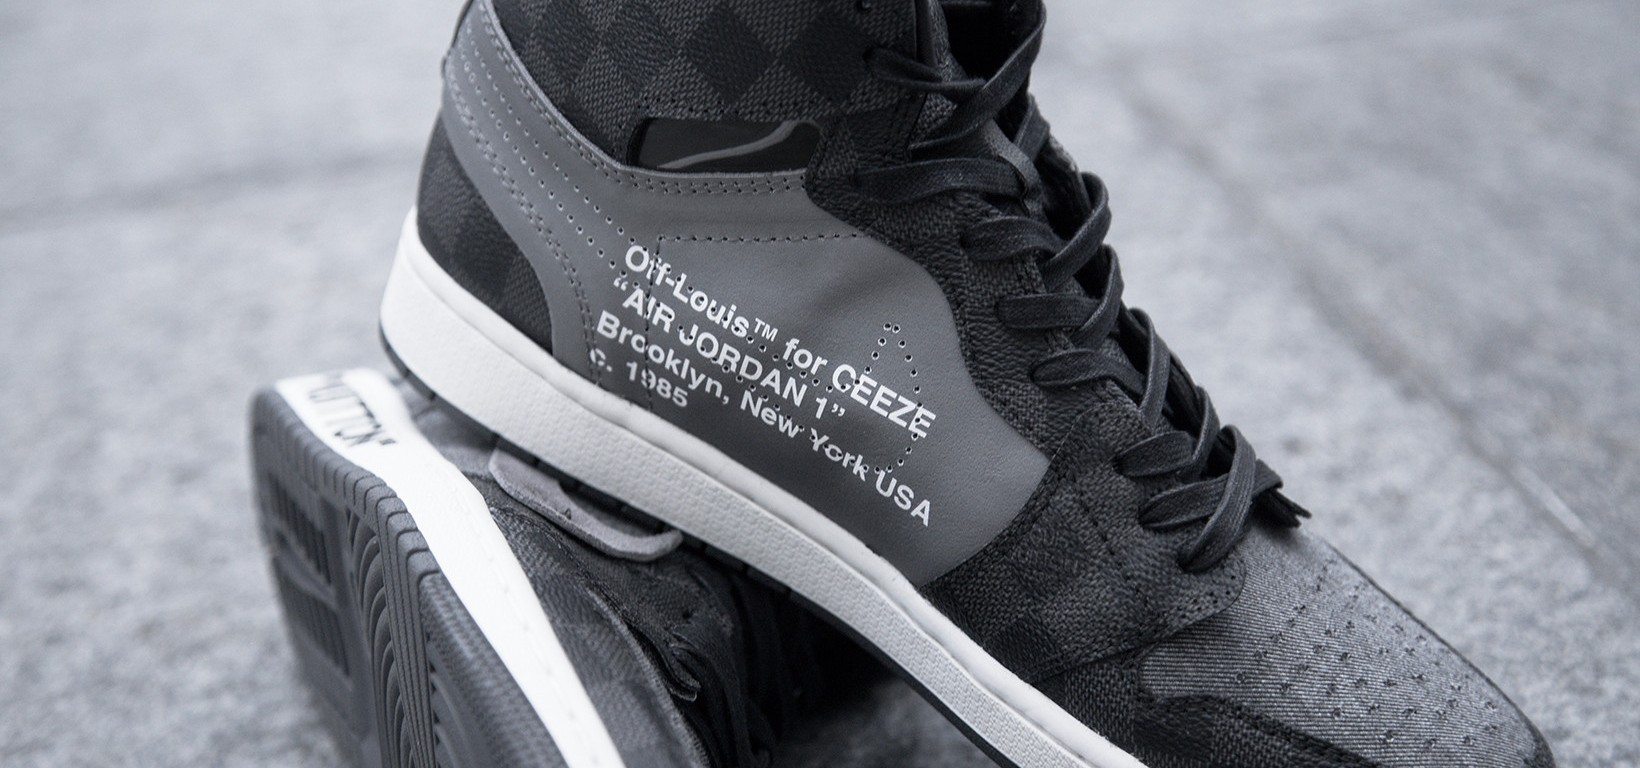 c624e27bba98 Footwear